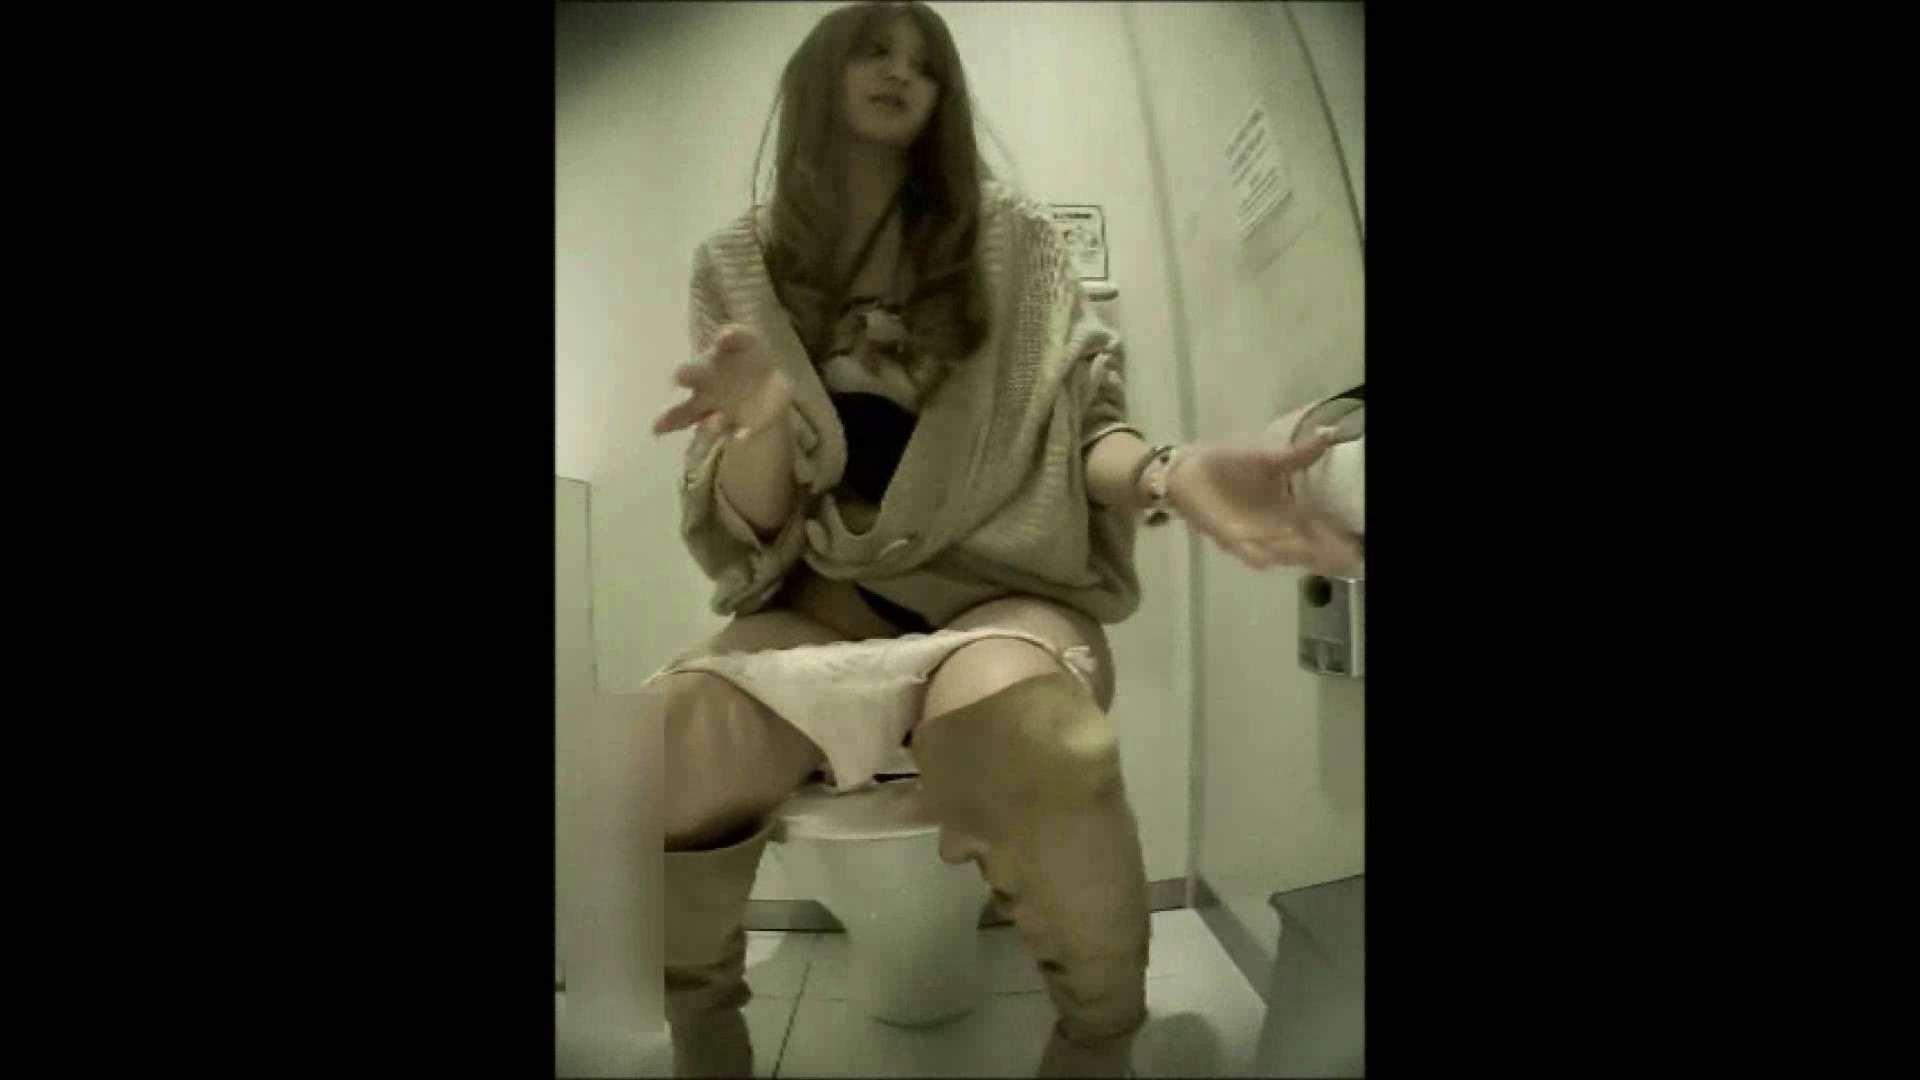 洗面所盗撮~隣の美人お姉さんVol.13 盗撮師作品 セックス画像 94pic 12